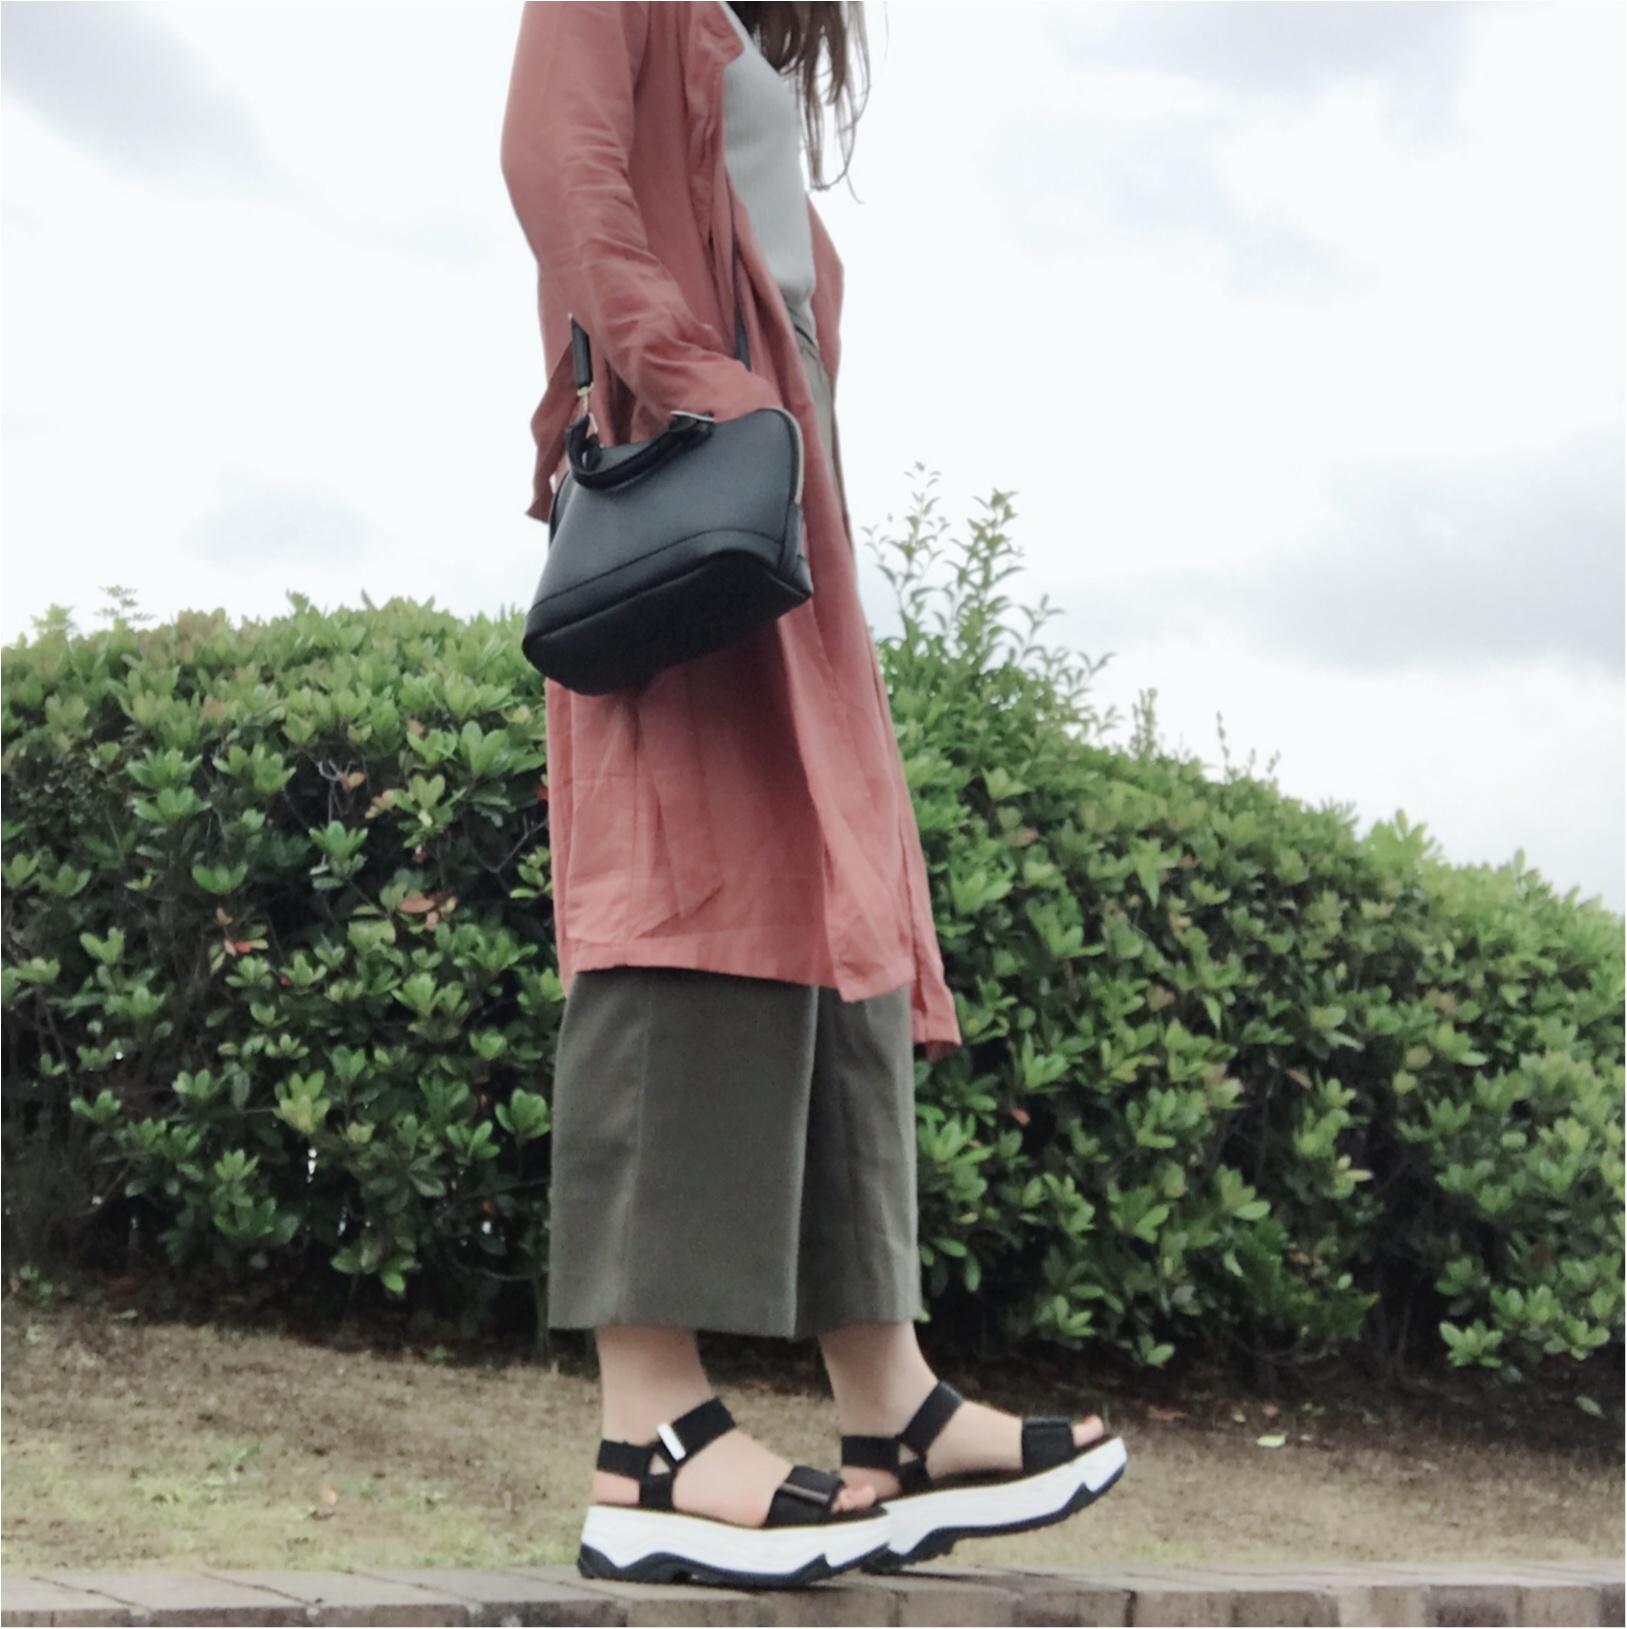 【ZARA】買ってよかった高コスパ靴!売切れ必須#ヴェッジソールサンダルが優秀すぎ♡_7